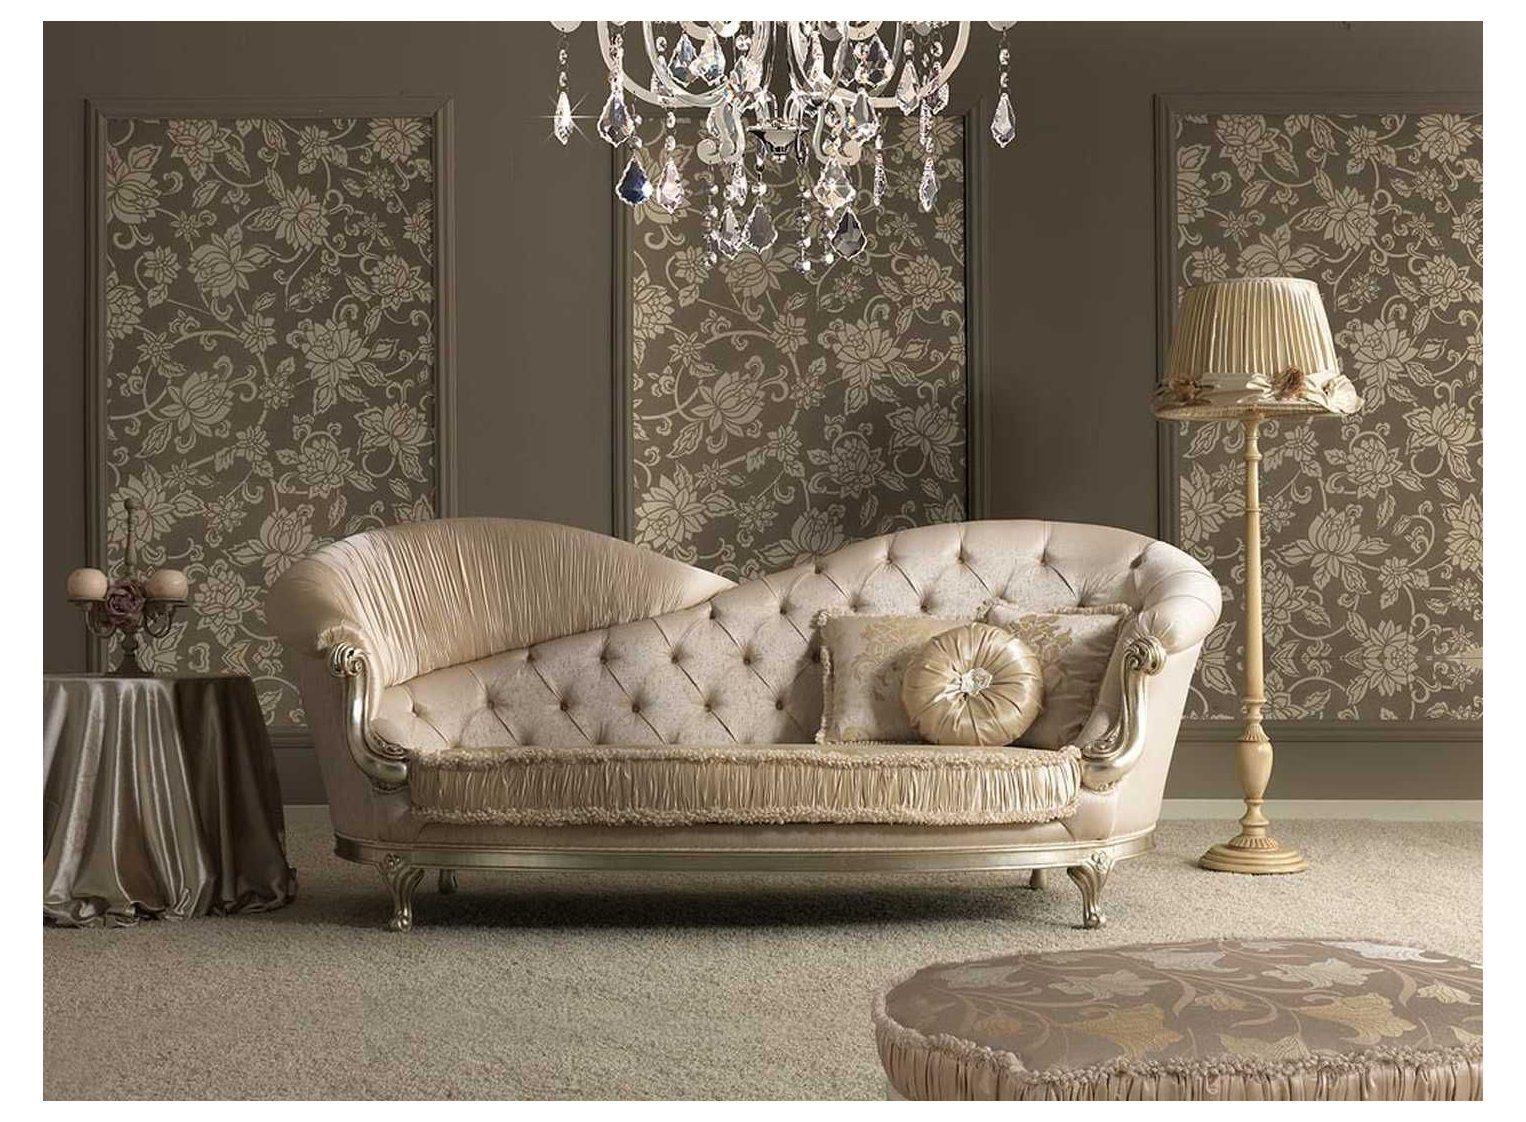 Silvy Italian Sofa Luxury Sofa In A Classic Style Classic Sofa Luxury Classicsofaluxury Si In 2020 Modern Sofa Living Room Italian Sofa Designs Classic Sofa Sets